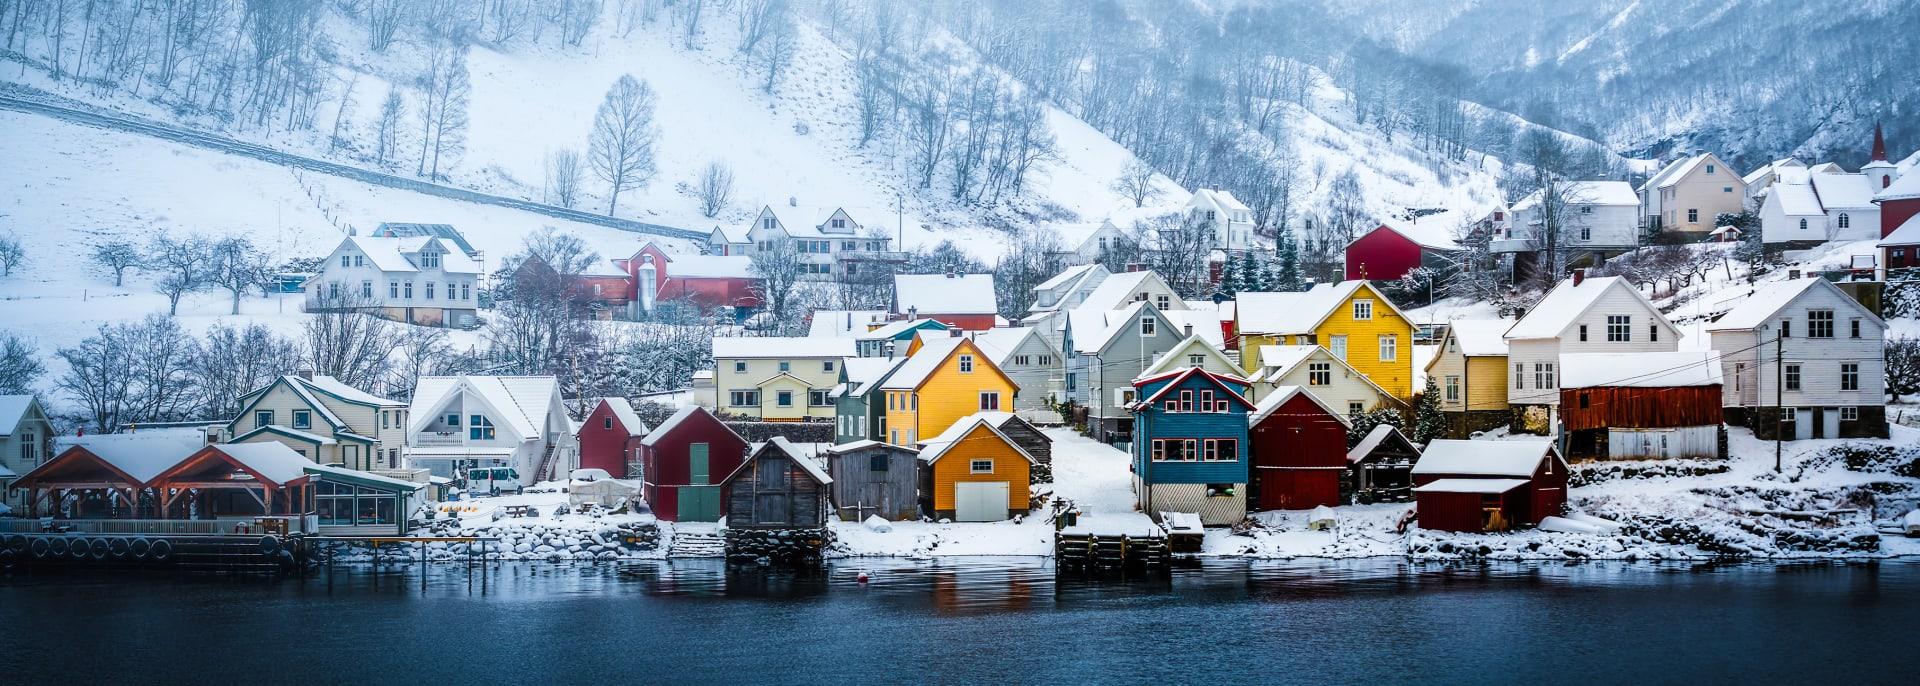 Ufer des norwegischen Fjords, Norwegen